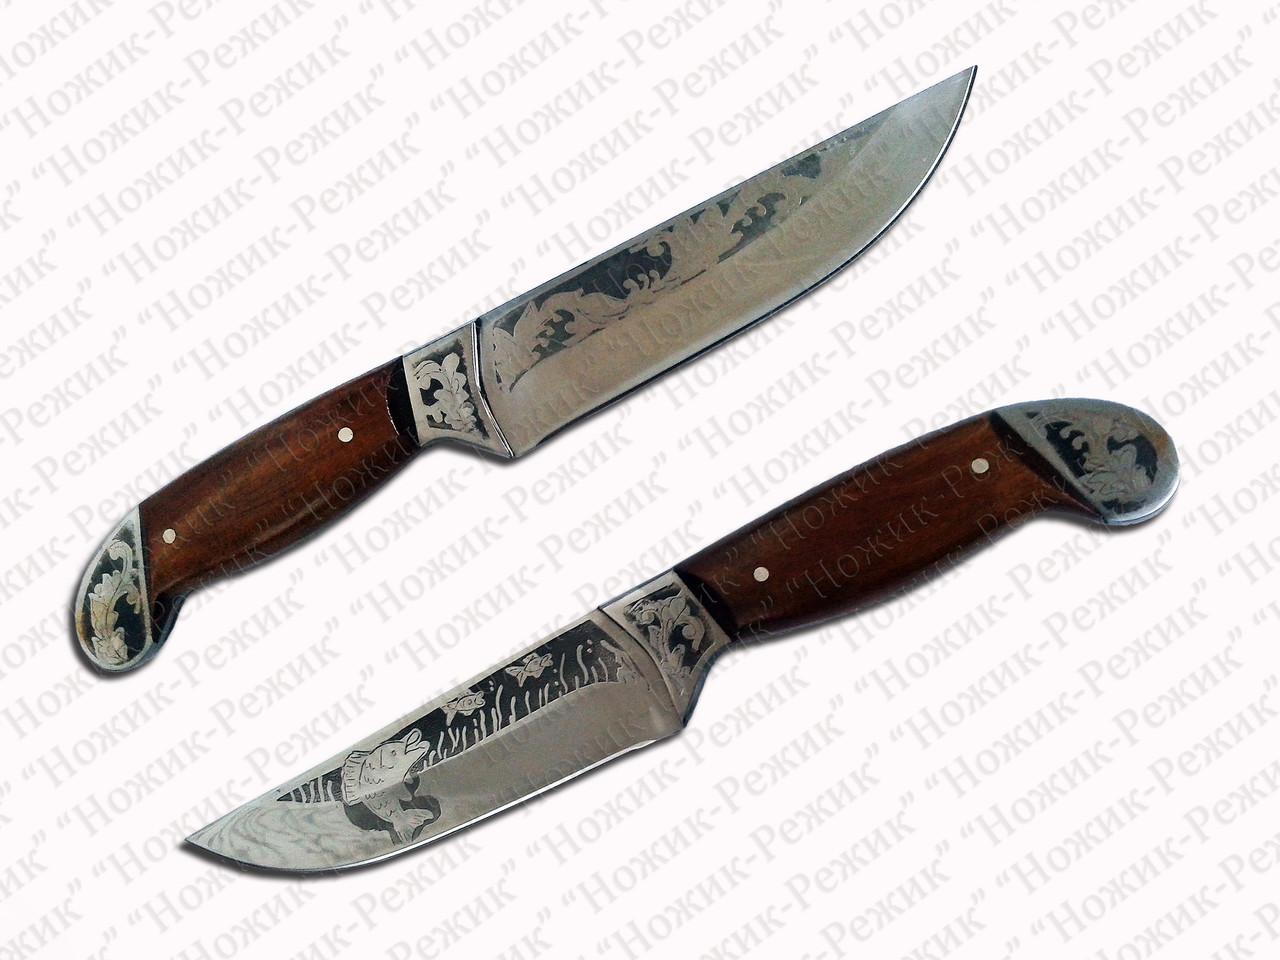 Нож для рыбалки, нож рыбацкий туристический, рыбацкий нож, нож рыбака, нож ручной работы